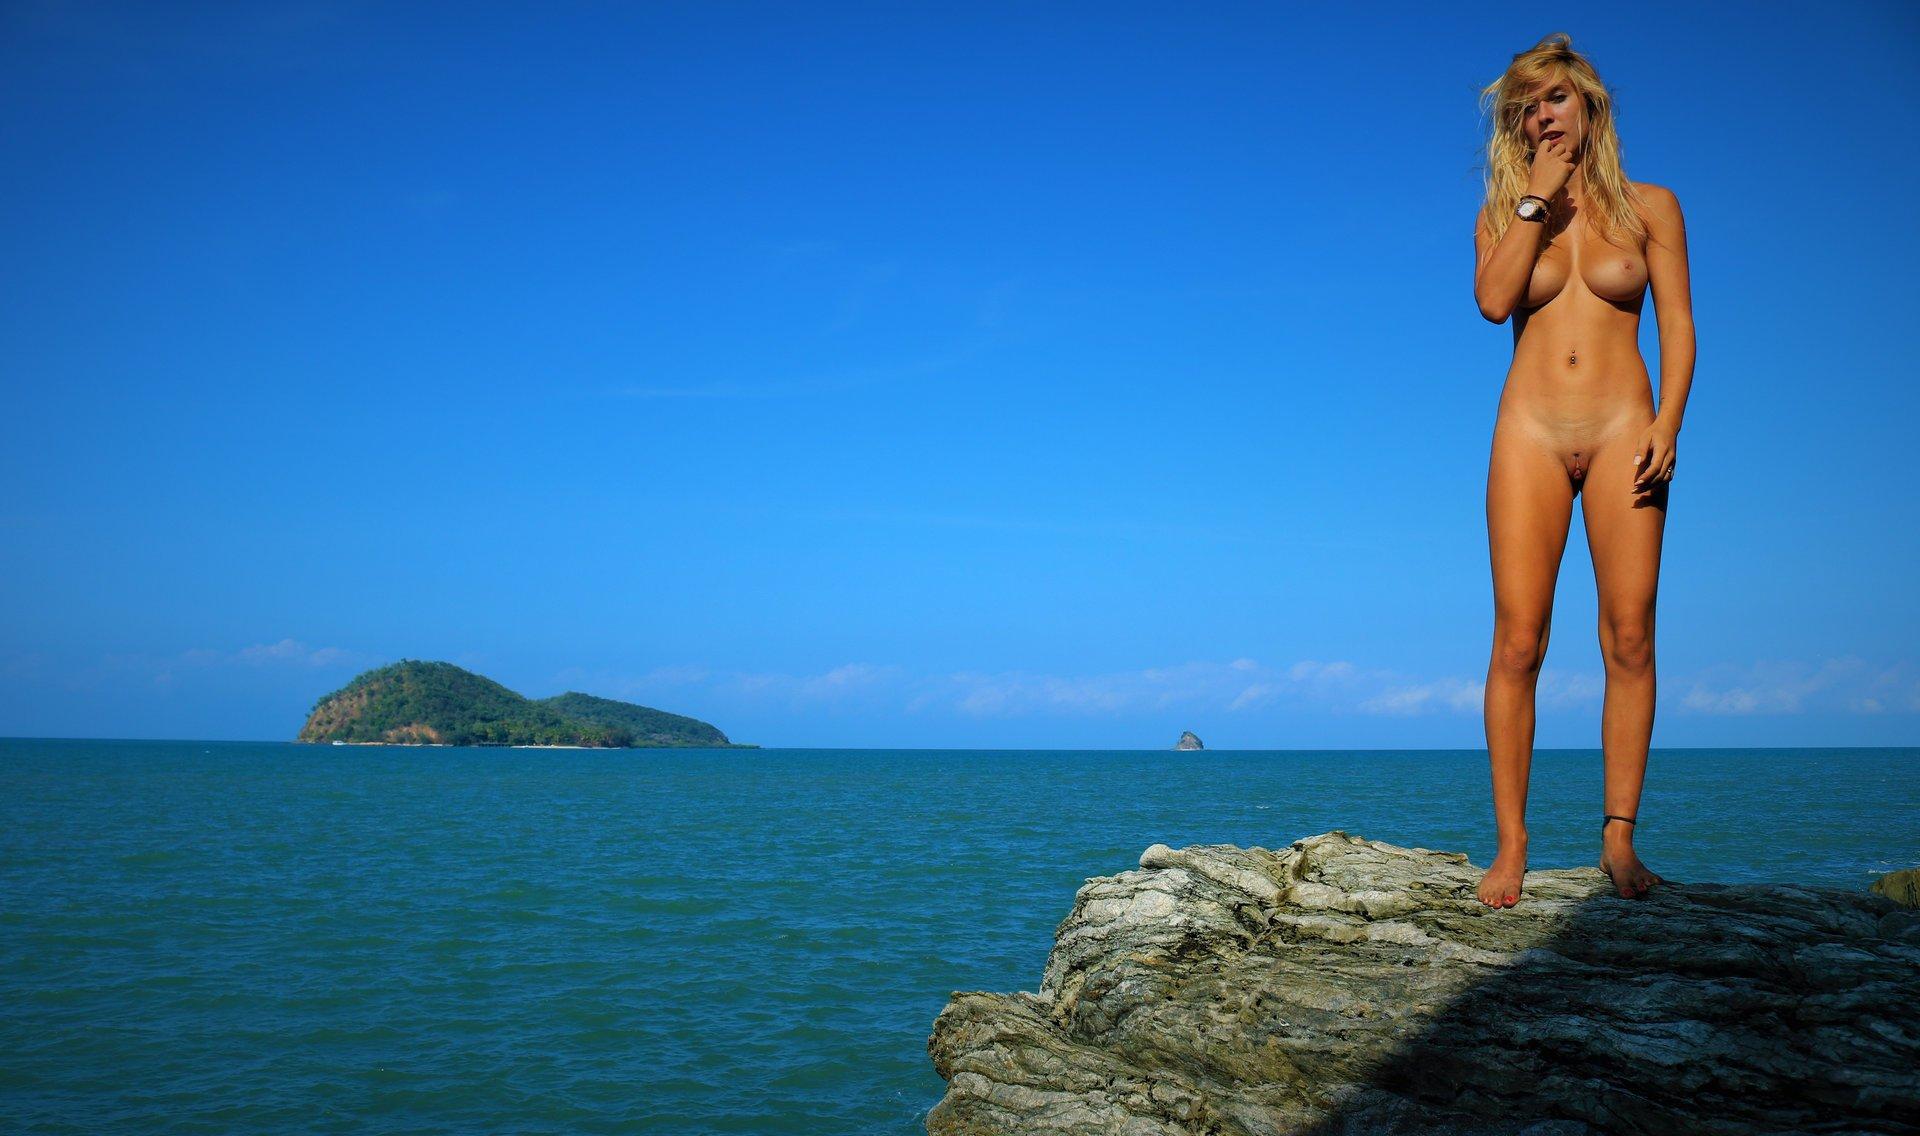 Stella Cordes Anakedgirl Nudes Leaks 0054